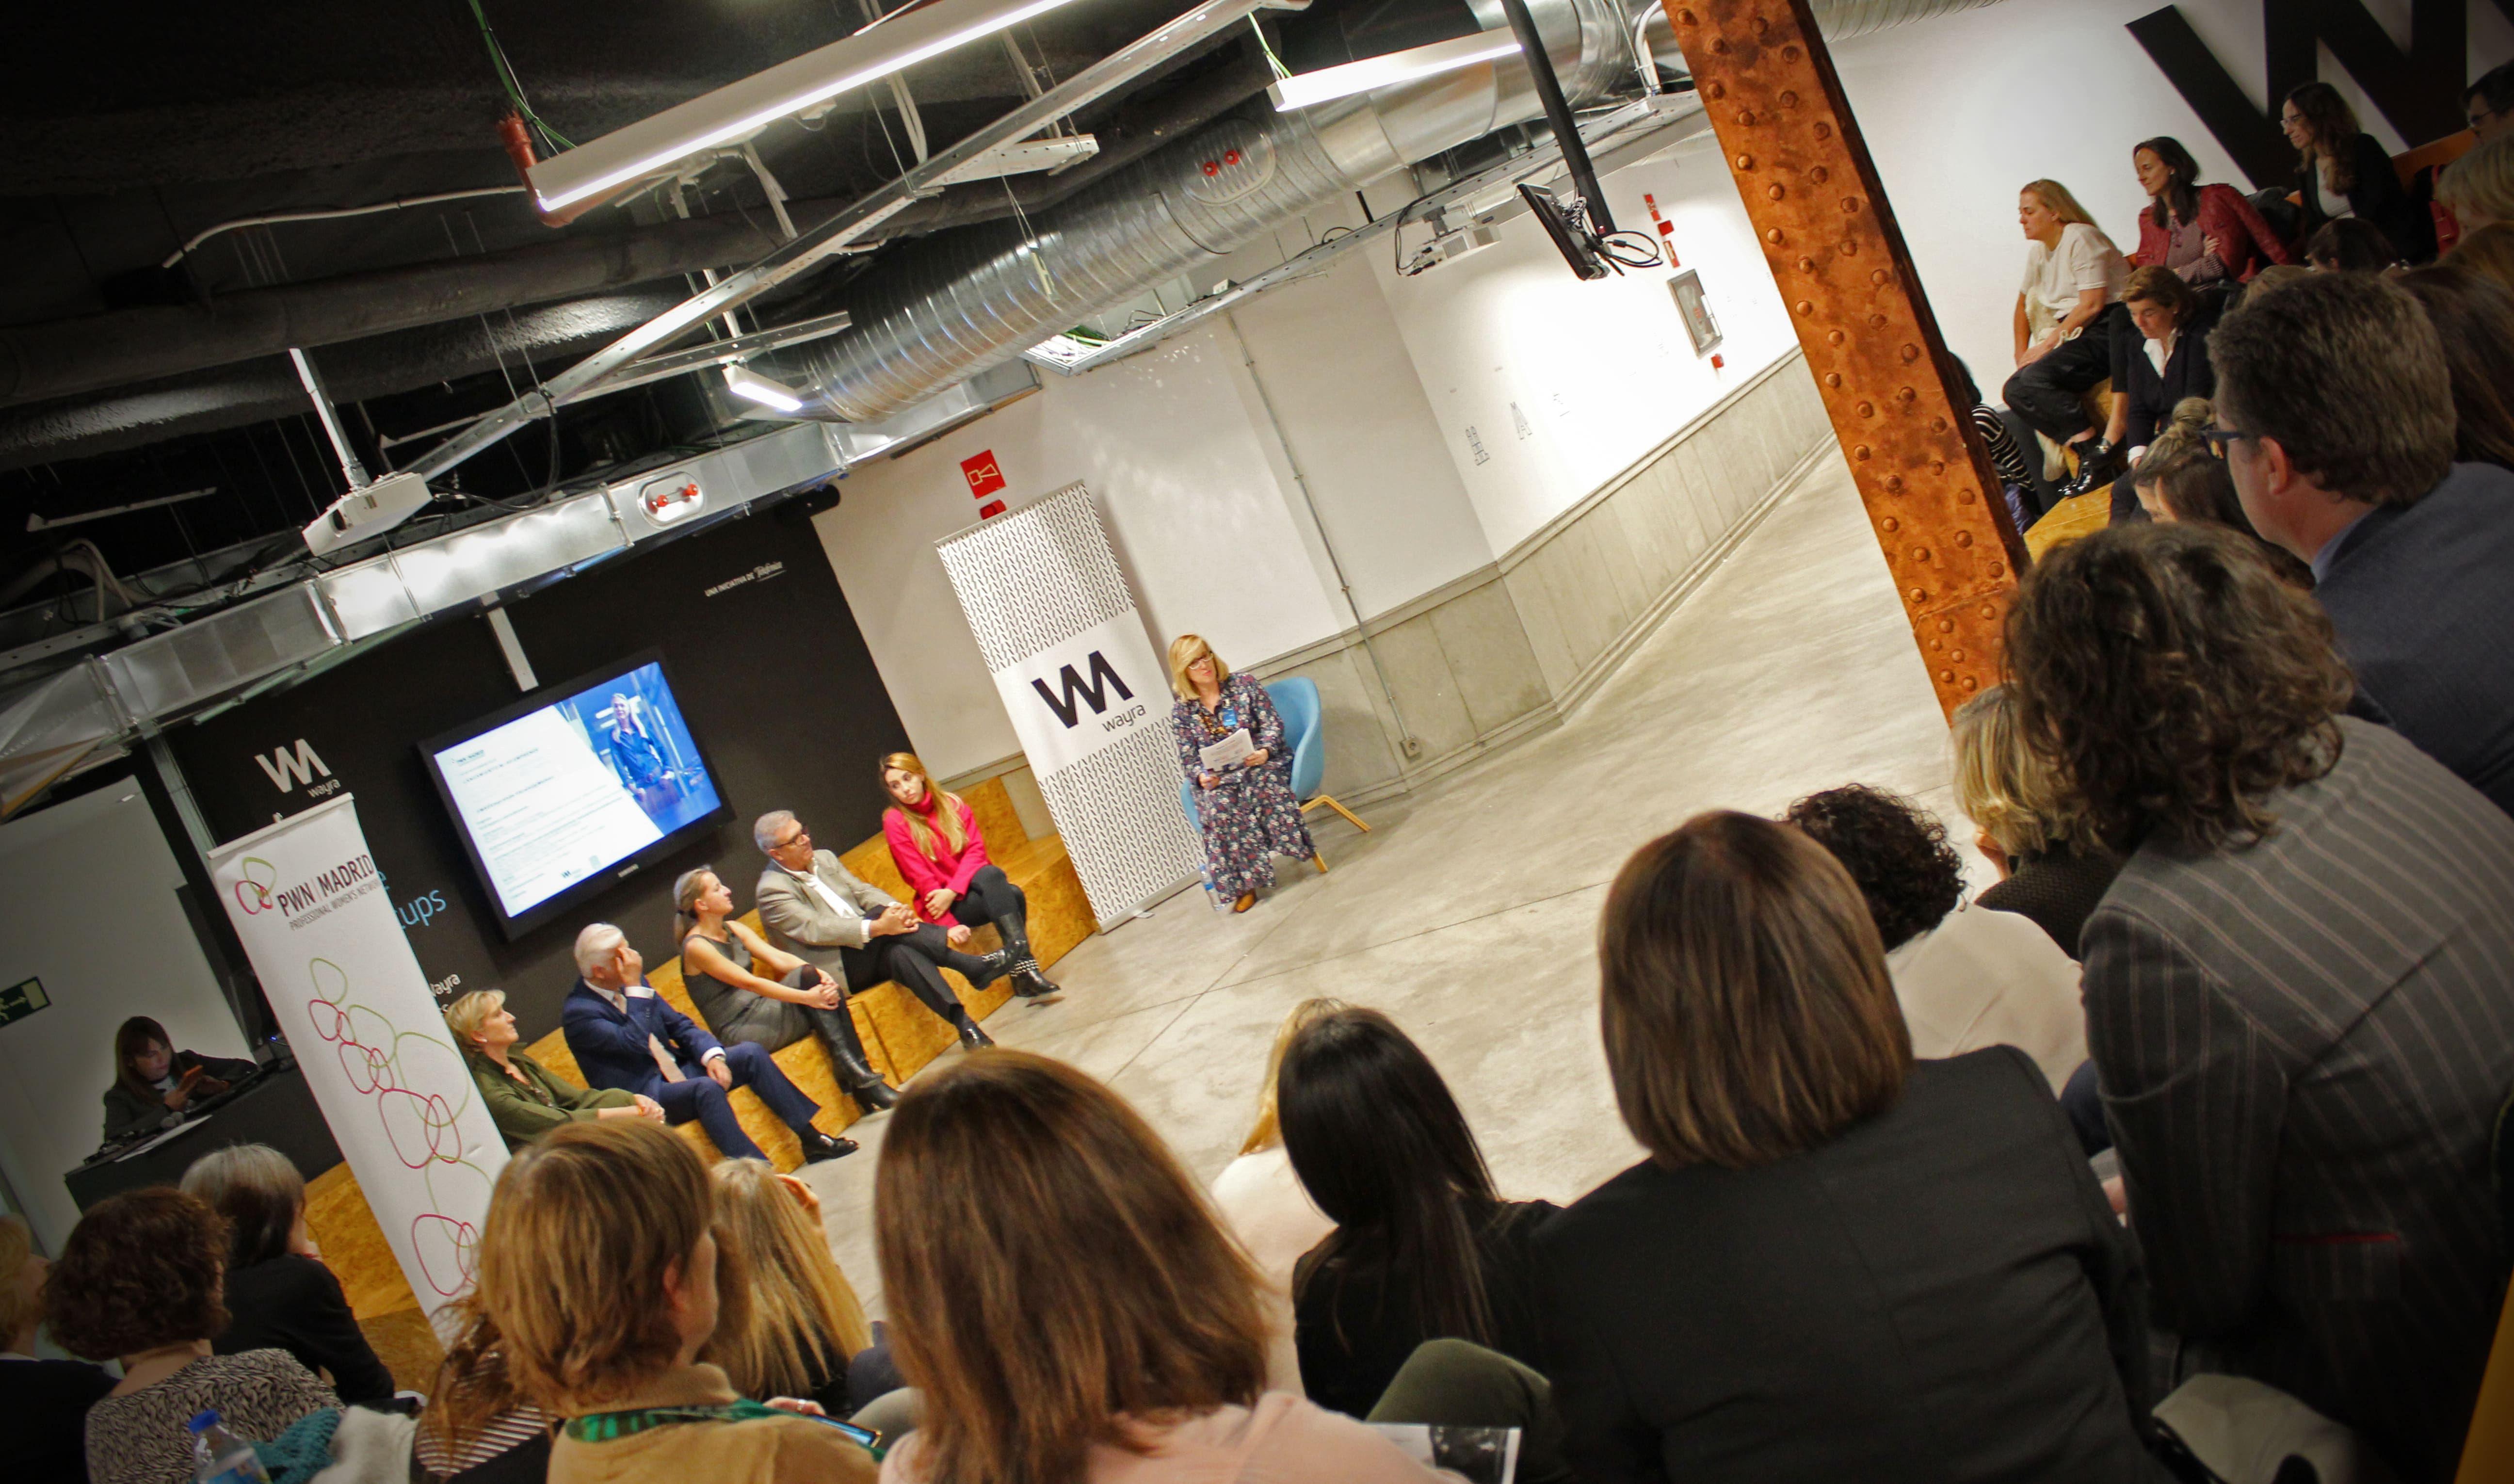 Wayra lanza el primer Co-Investment Day para invertir hasta 2M? en startups lideradas por mujeres